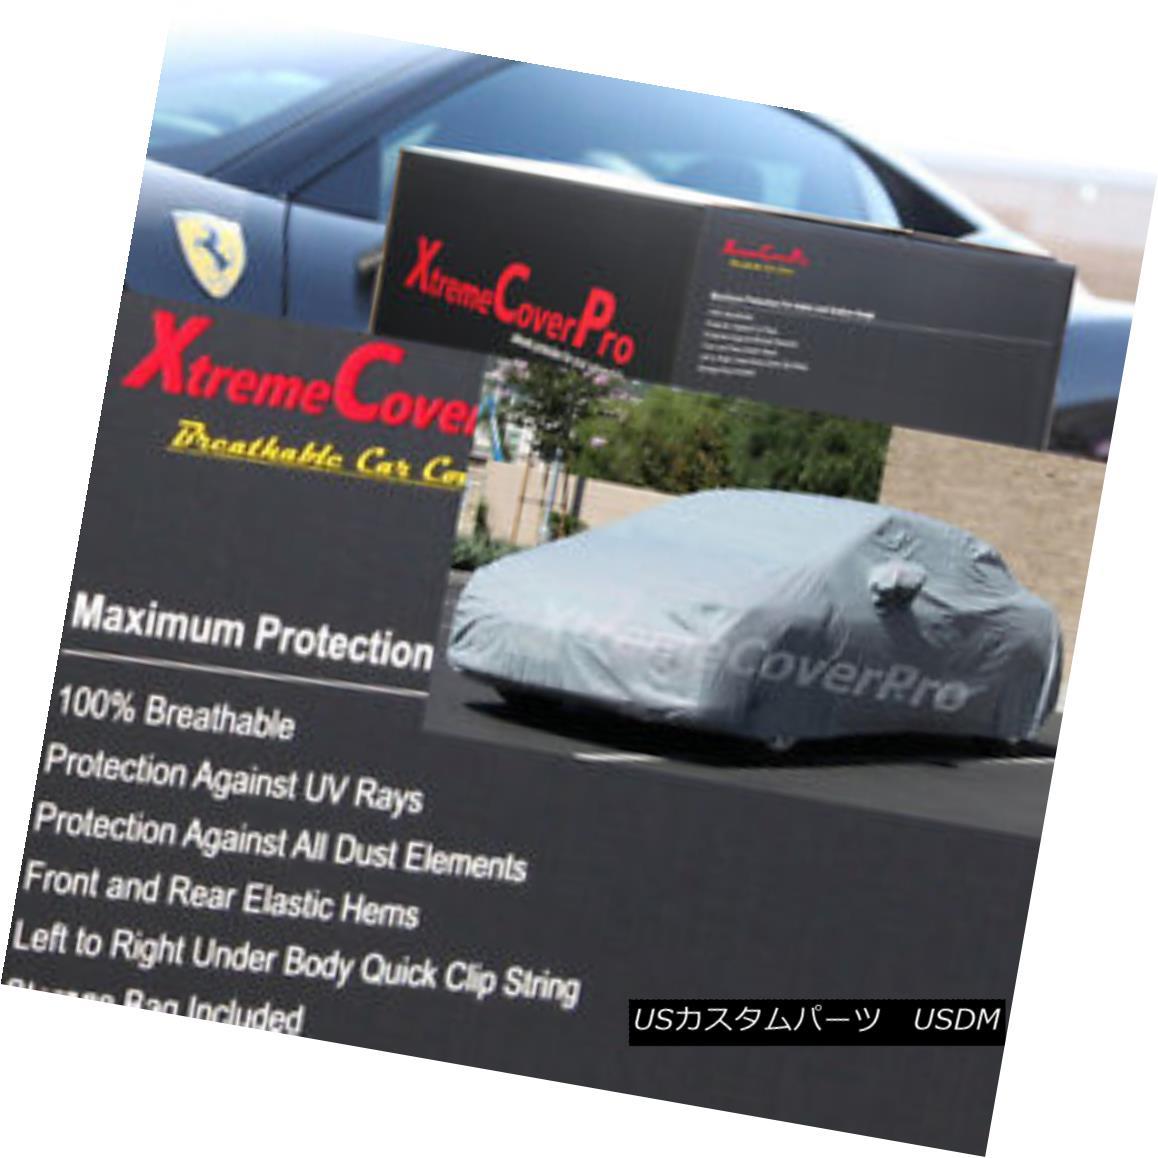 カーカバー 2015 LINCOLN MKZ Breathable Car Cover w/Mirror Pockets - Gray 2015 LINCOLN MKZ通気性のある車カバー付き/ミラーポケット - グレー